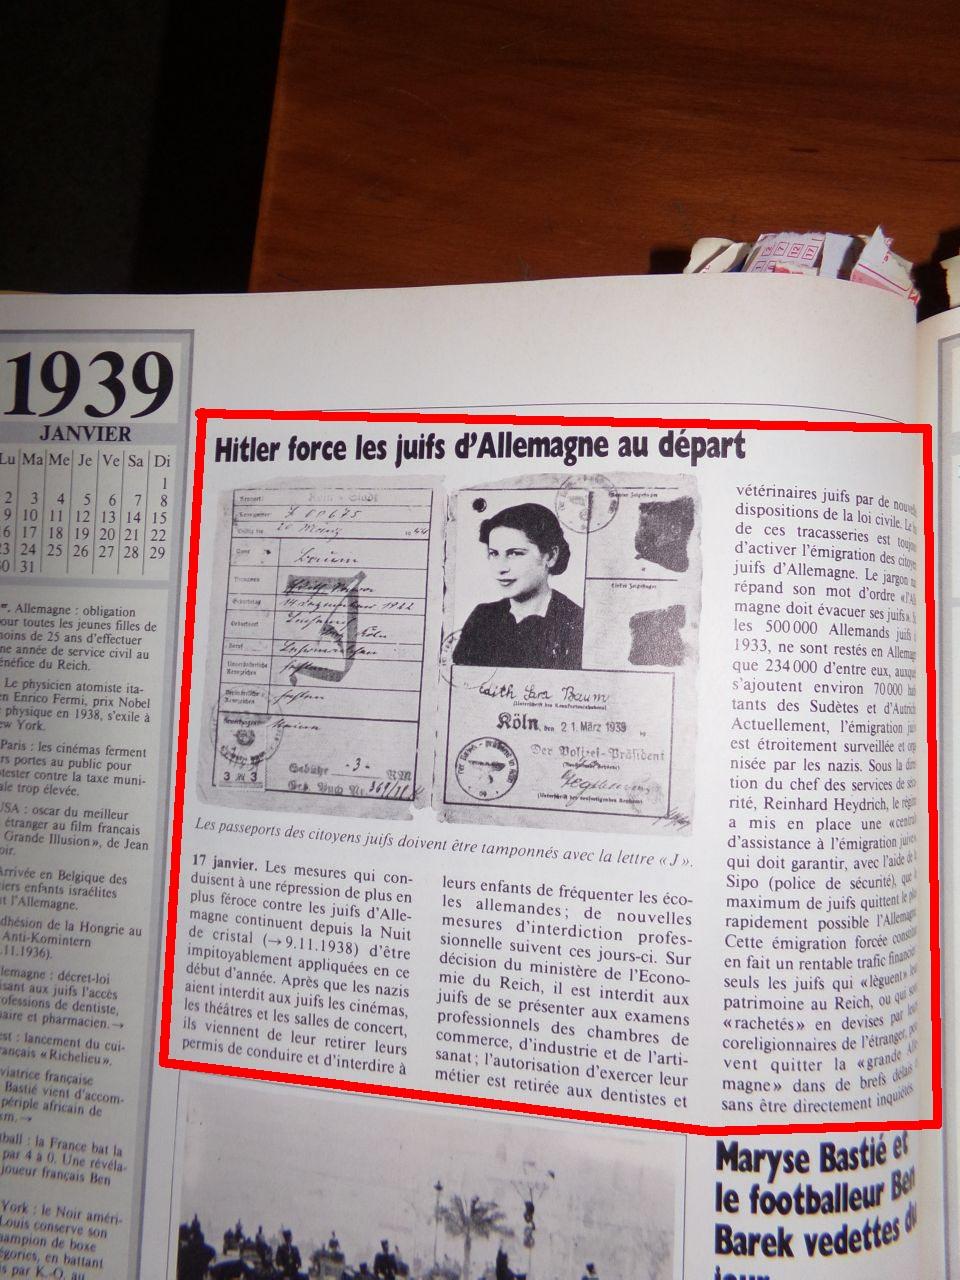 Un peu d'Histoire ...  L'origine de la création de l'état d'israël, 1947 ou 19° siècle ?  Chroniquedu20esiecle-18